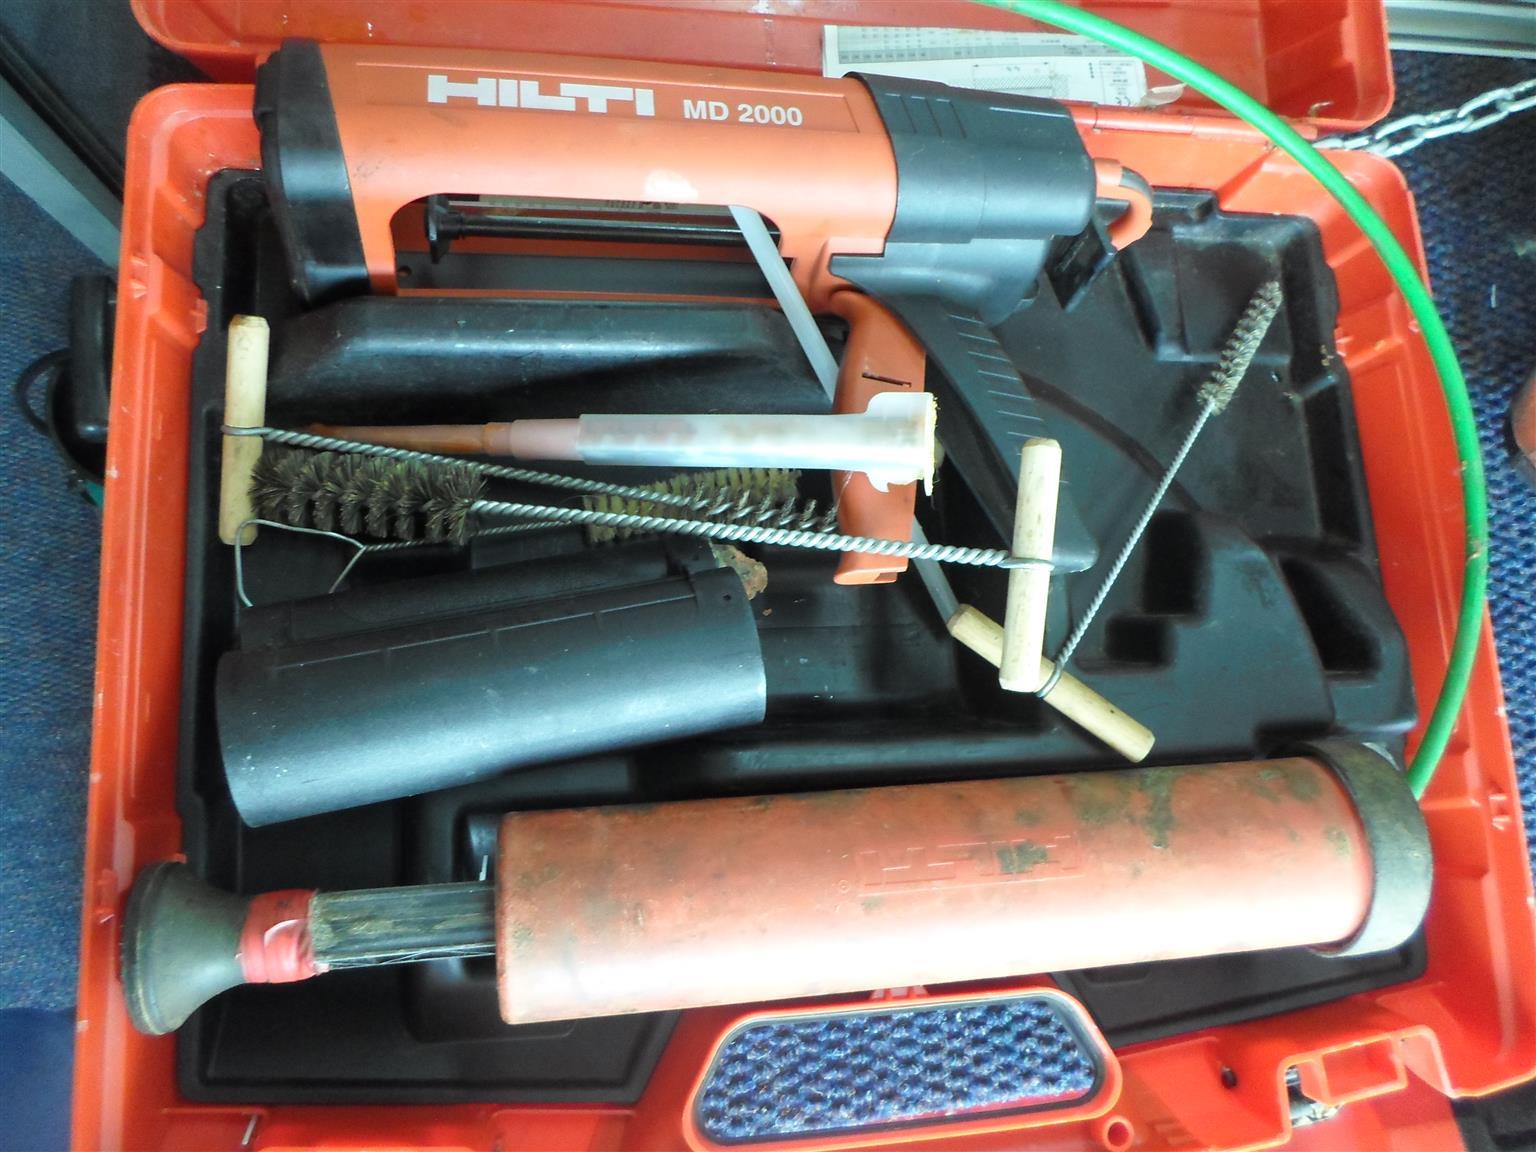 Hilti MD 2000 Nail Gun